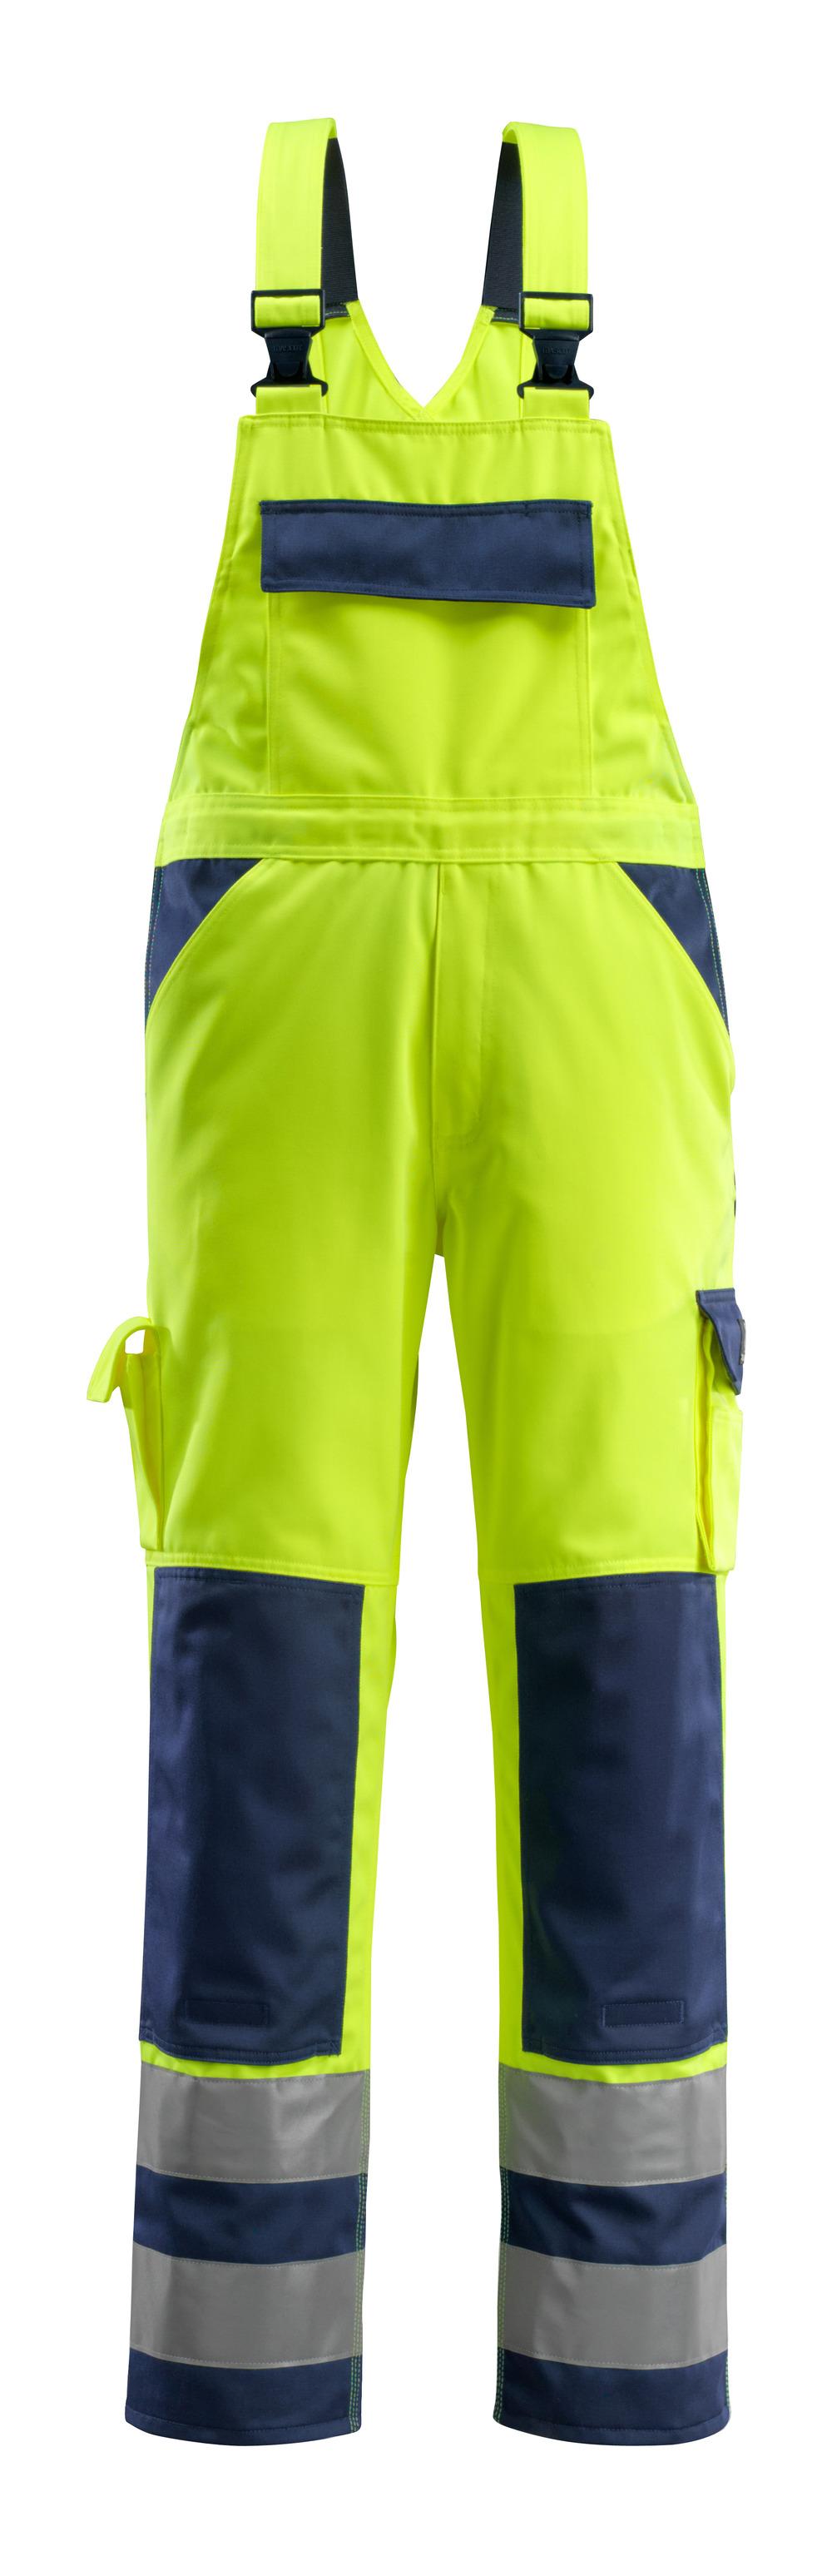 07169-470-171 Salopette avec poches genouillères - Hi-vis jaune/Marine